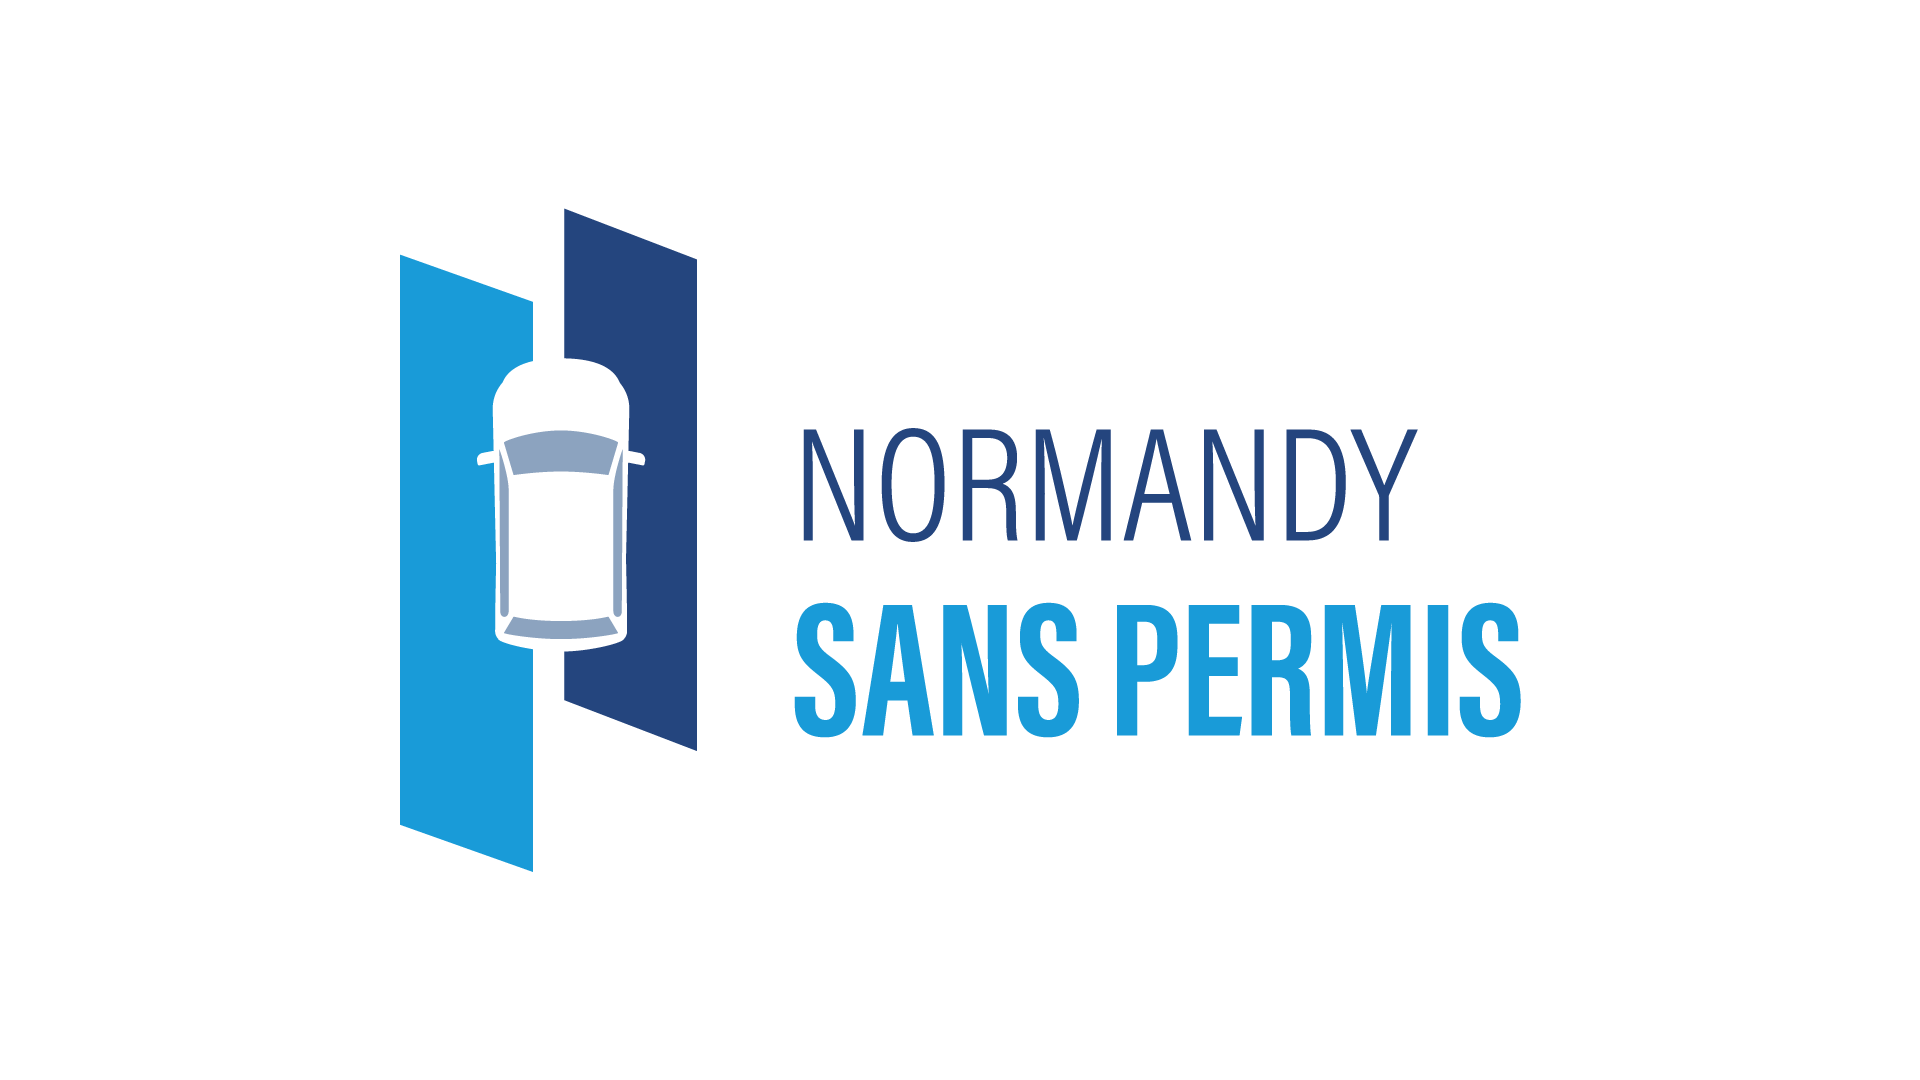 Normandy Sans Permis logo créé par MADMINT